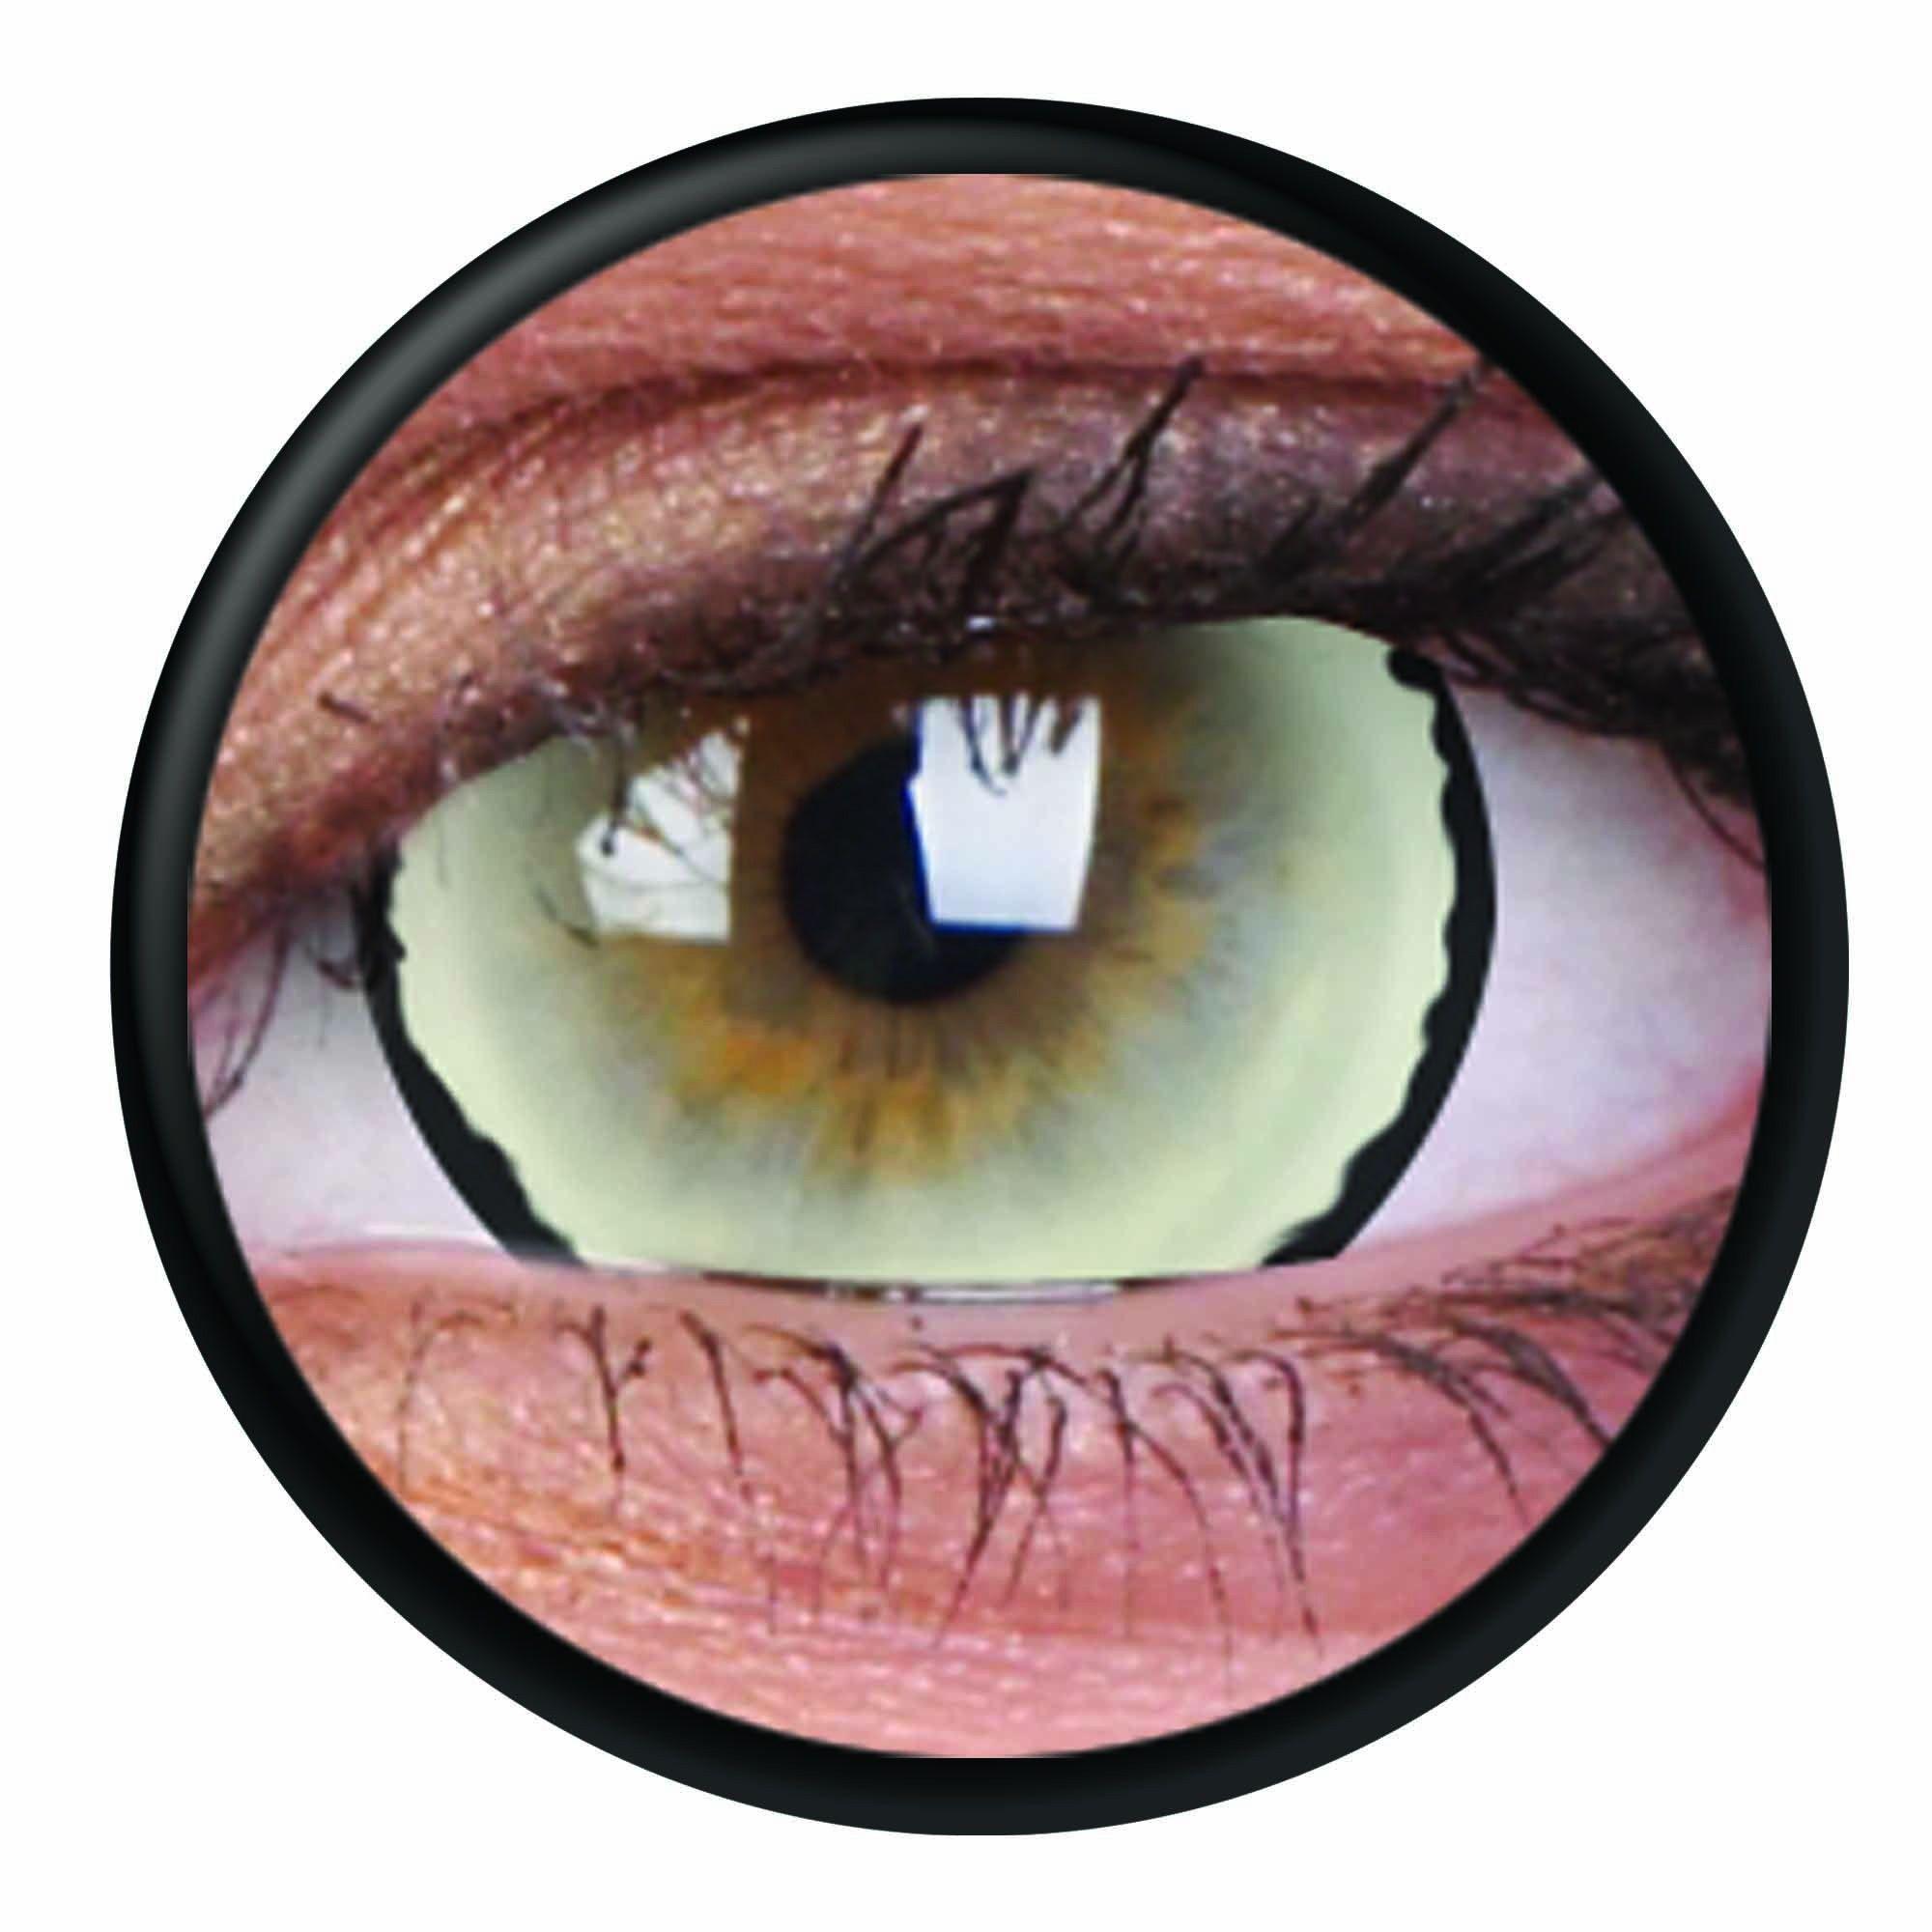 21ea67e125f Crazy contact lenses colourvue venus contact lenses colourvue crazy  underworld selene contact lenses jpg 2000x2000 Underworld